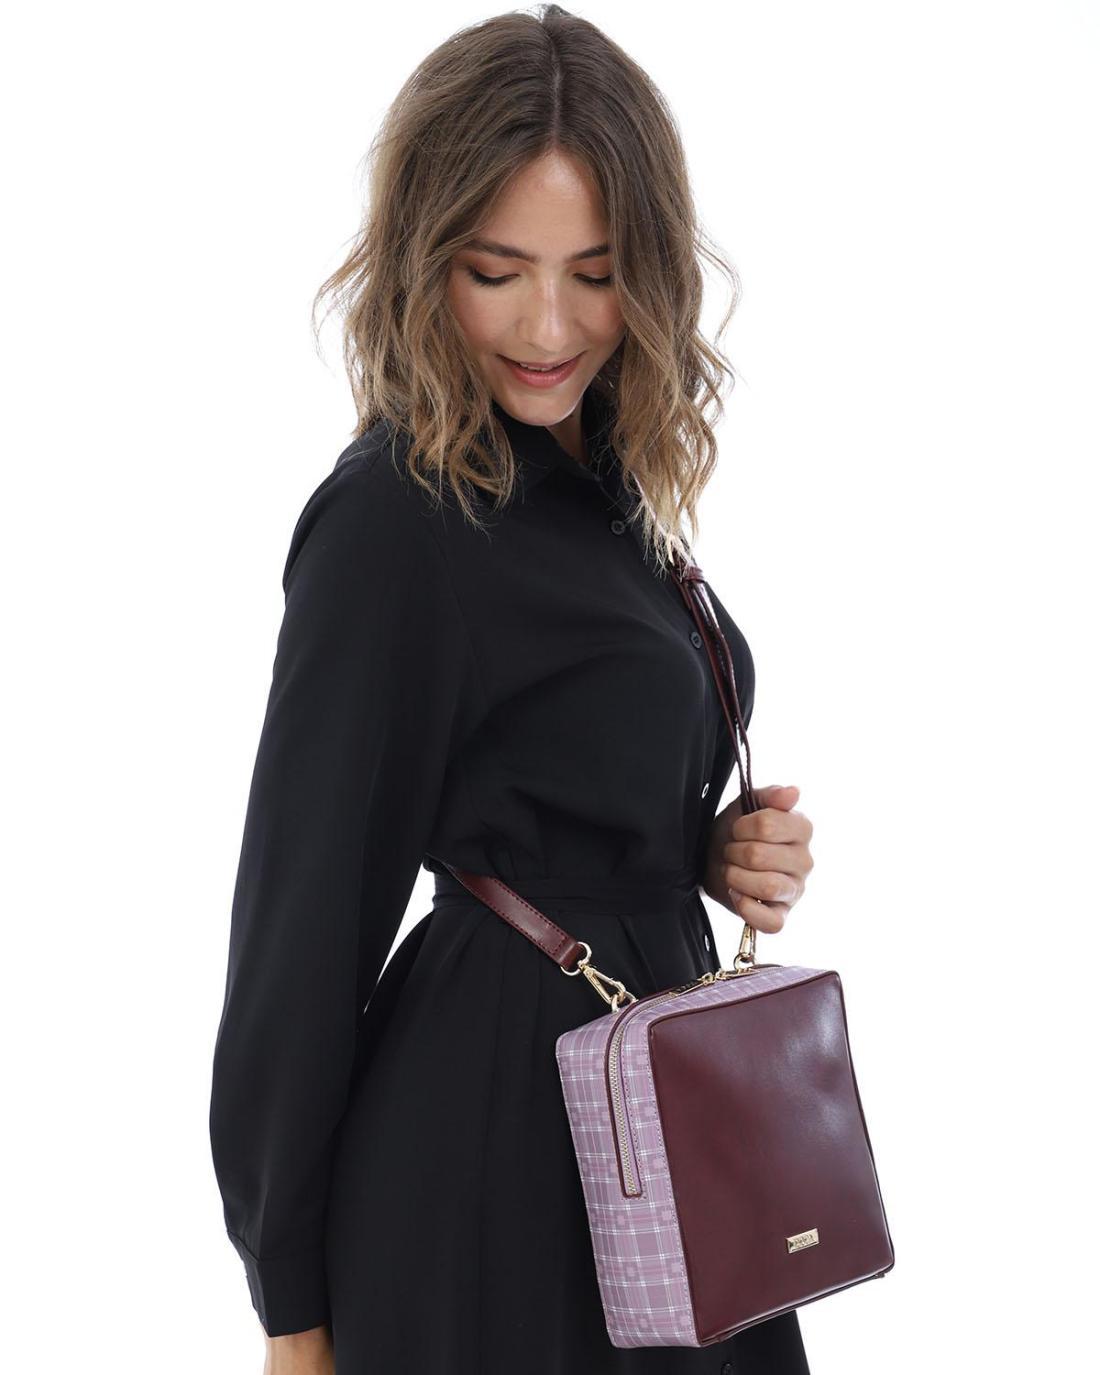 Bordeaux cross body bag